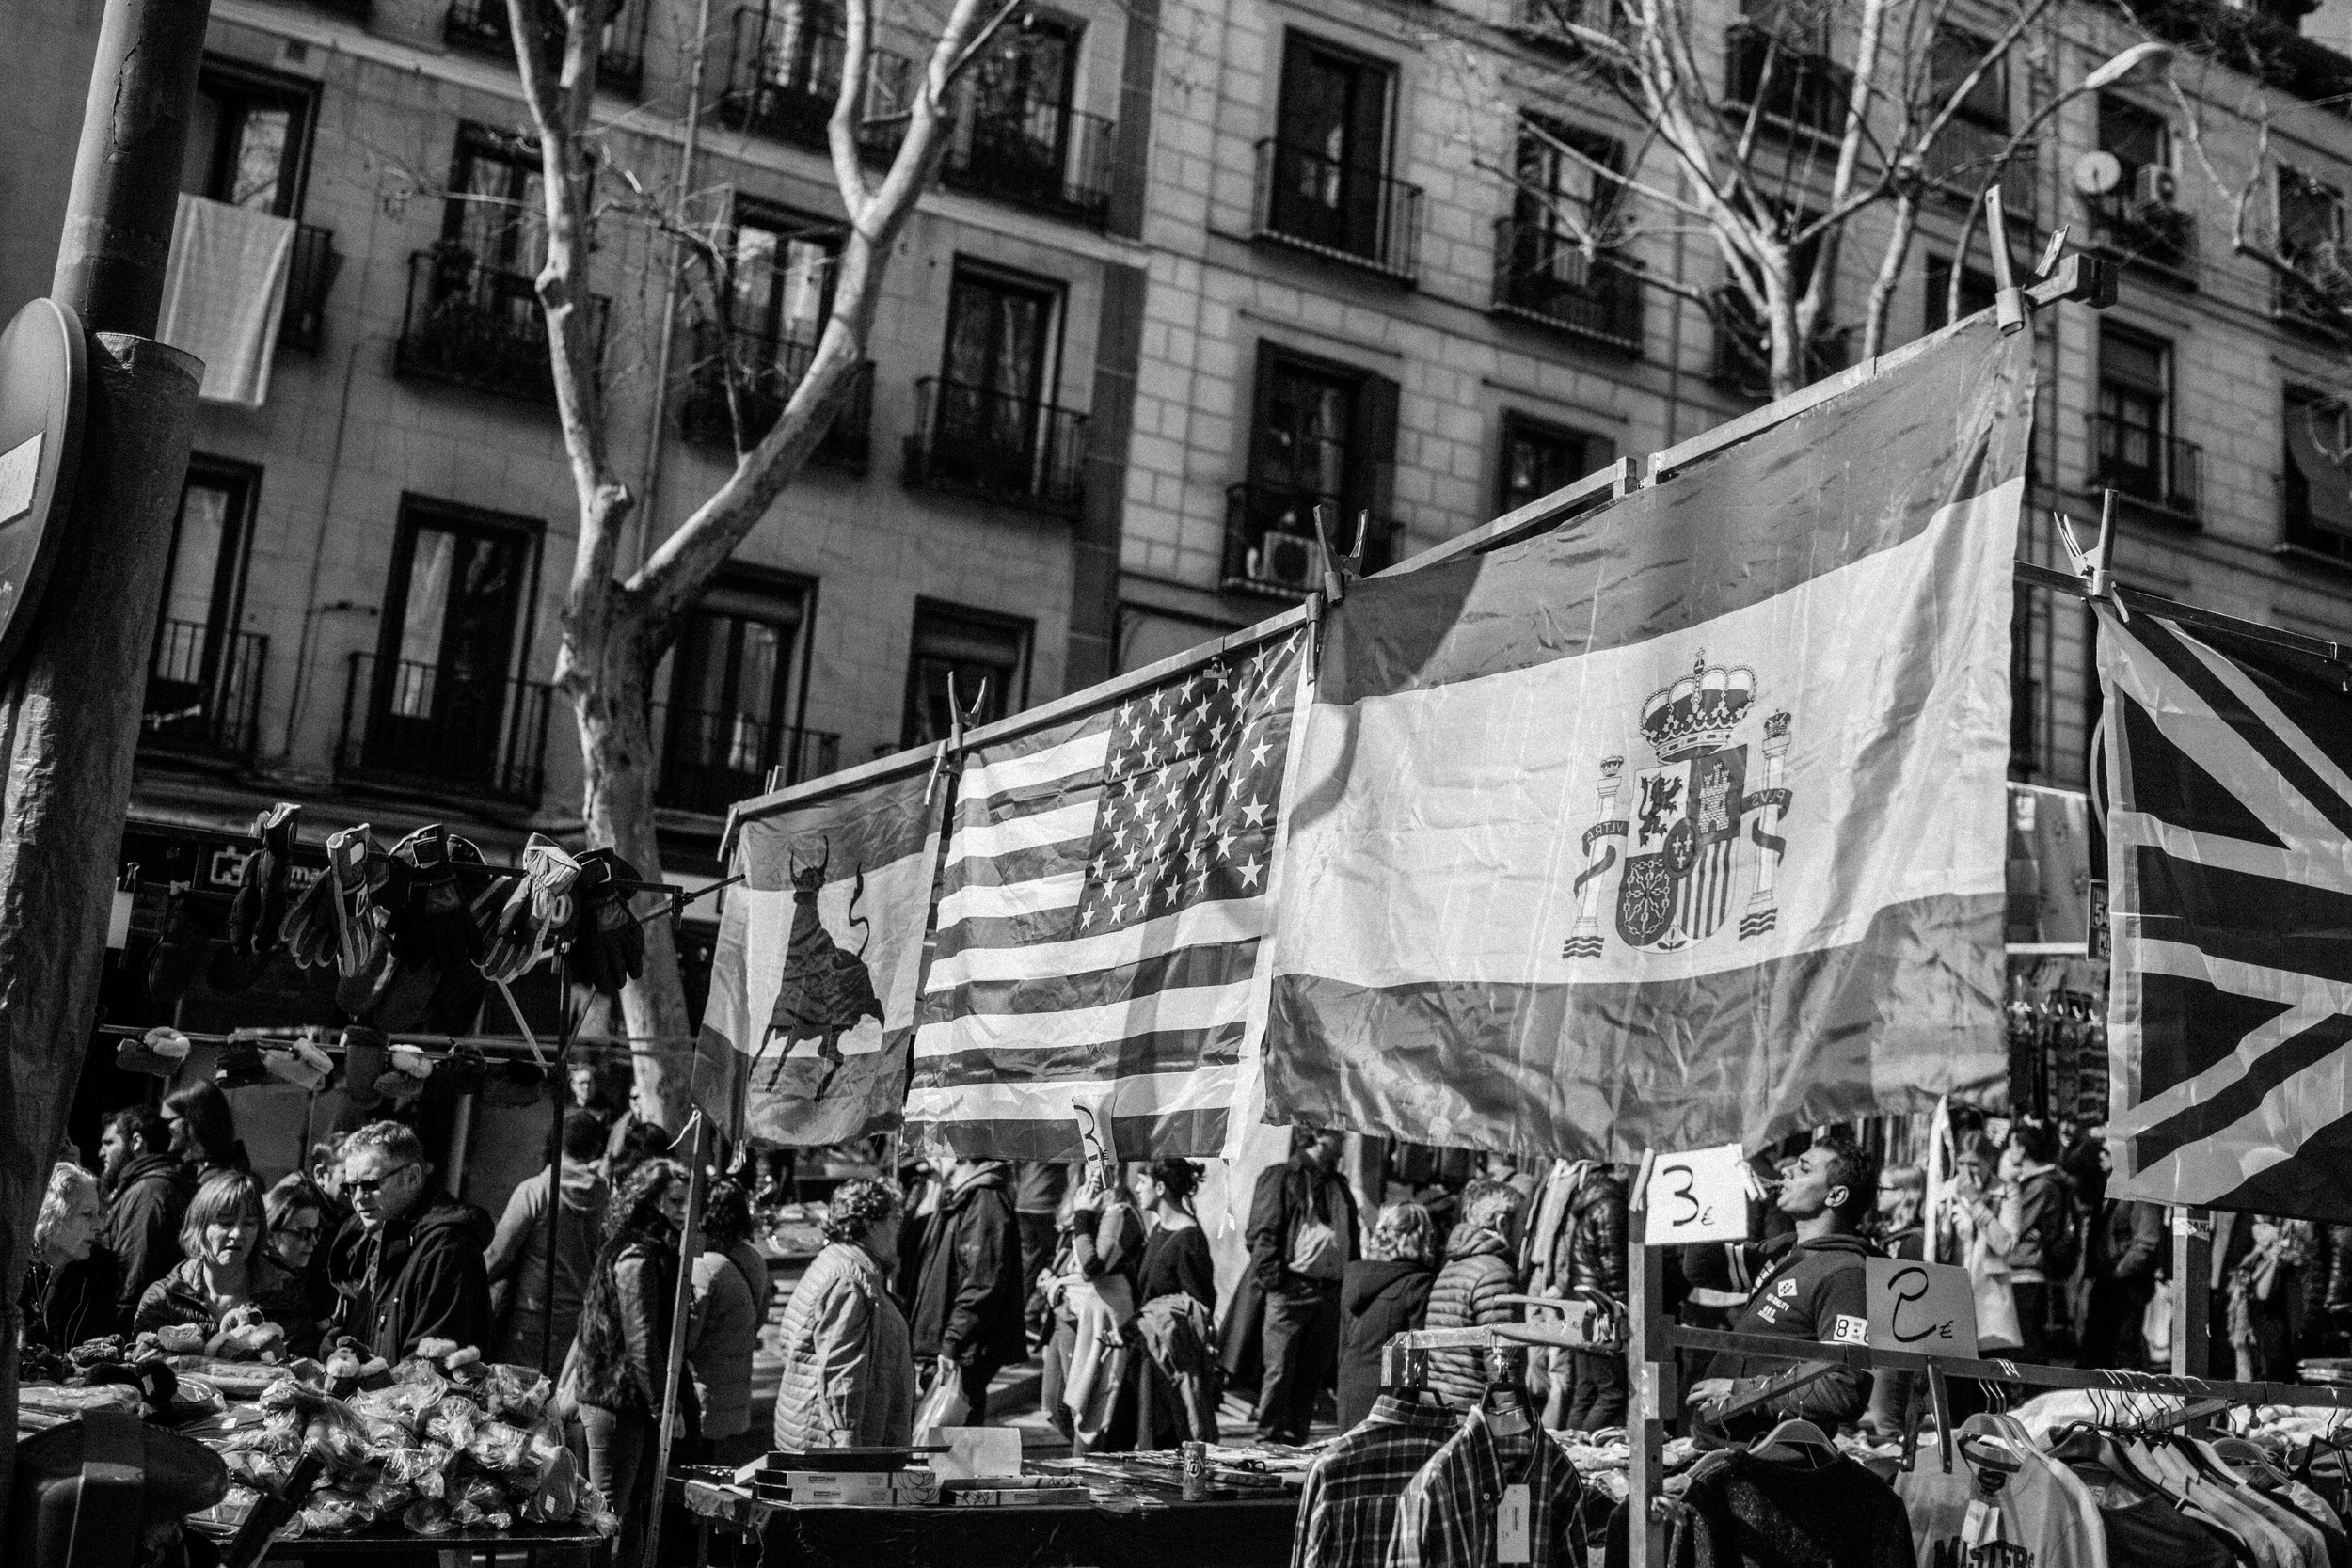 El rastro de Madrid by jorge Güiro 40.jpg